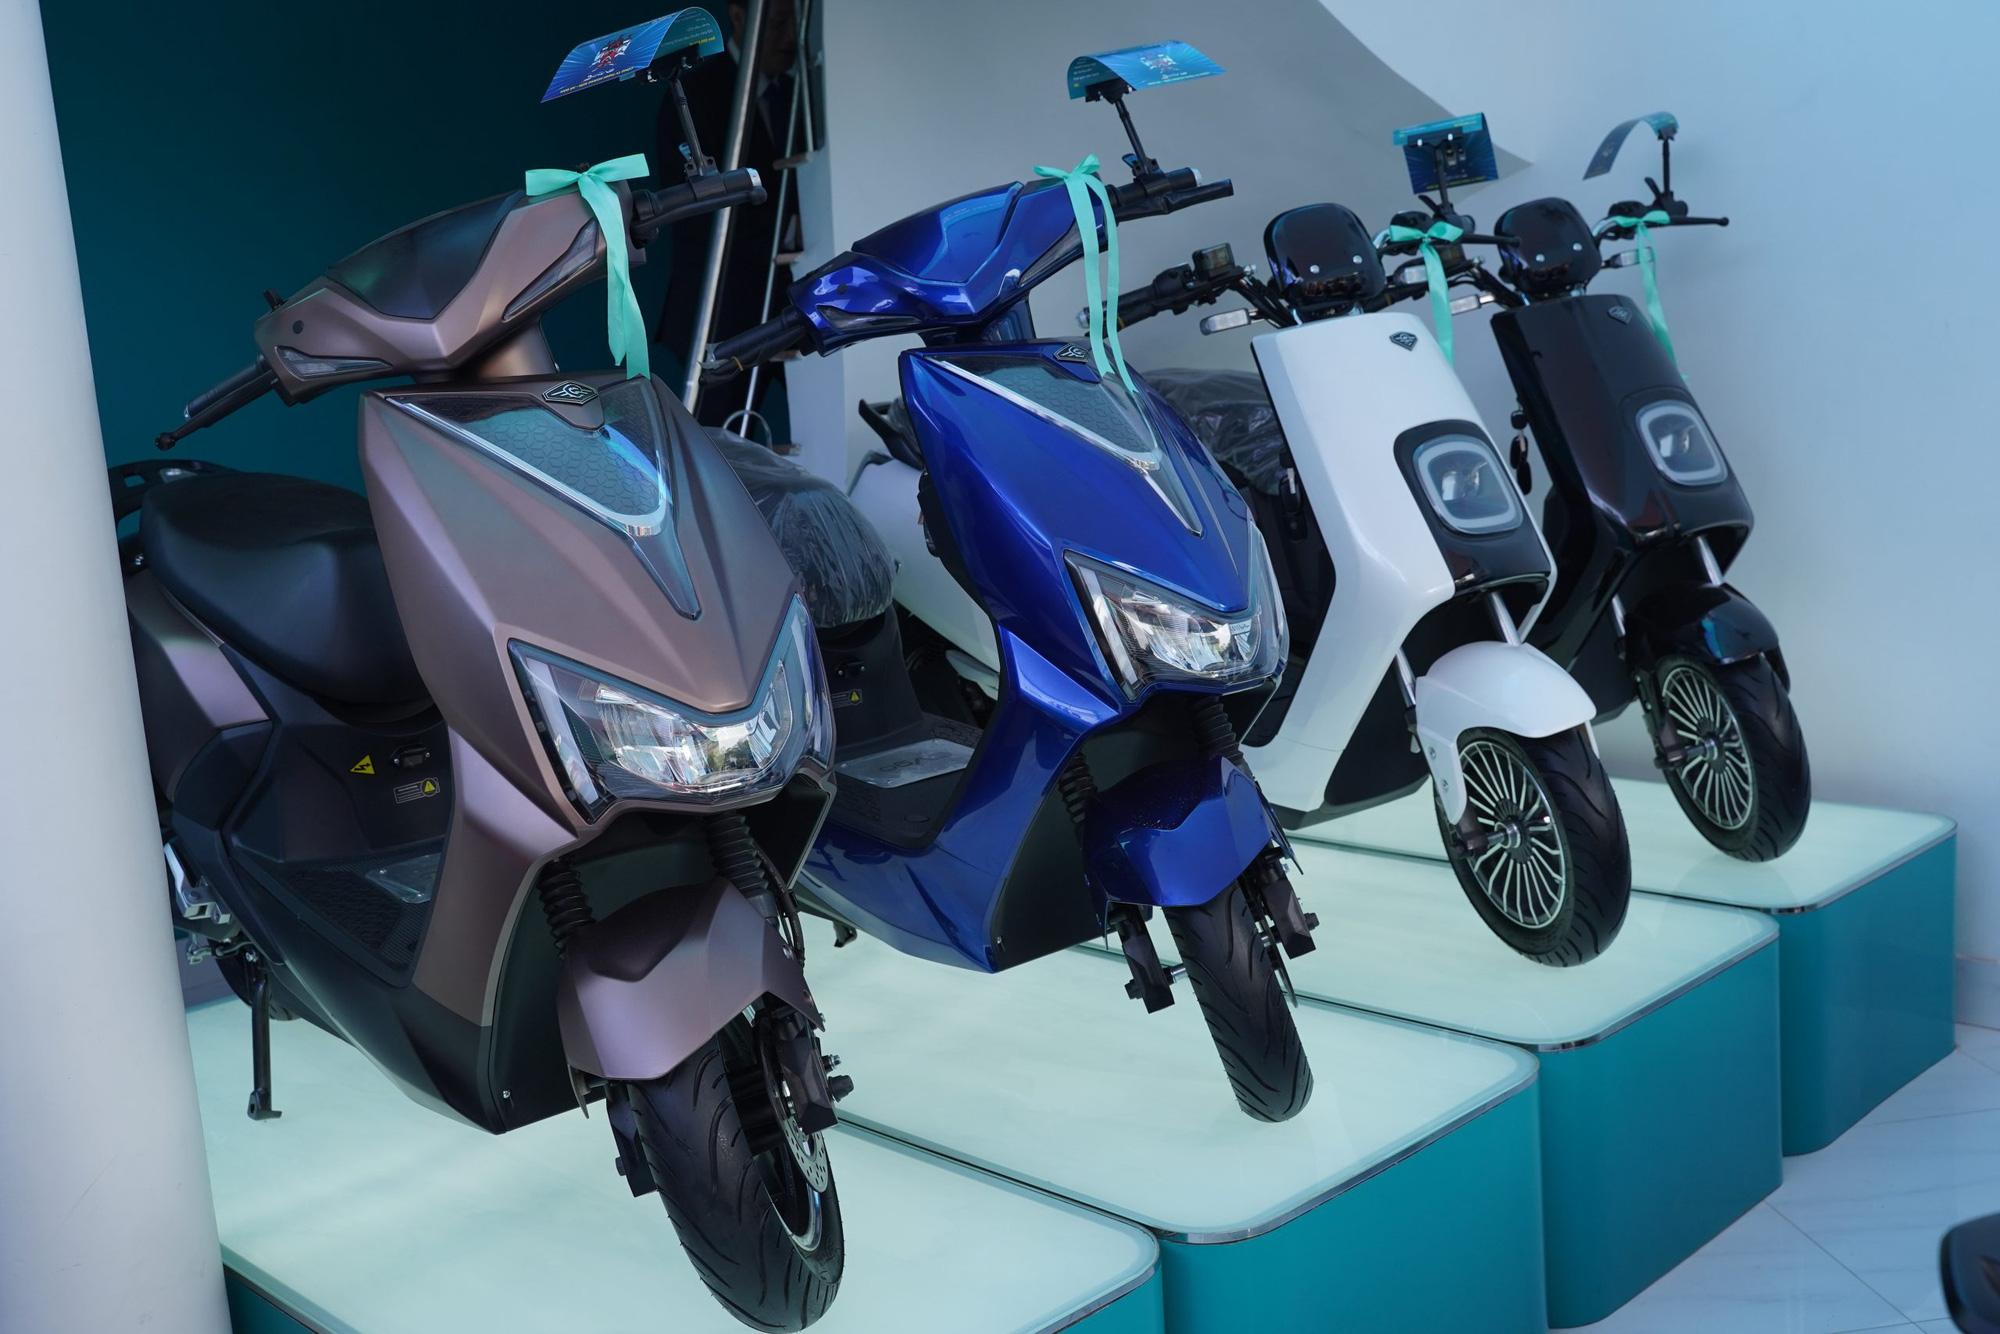 Một doanh nghiệp đặt kế hoạch doanh thu 300 tỷ đồng, đẩy mạnh đầu tư vào xe máy điện - Ảnh 1.